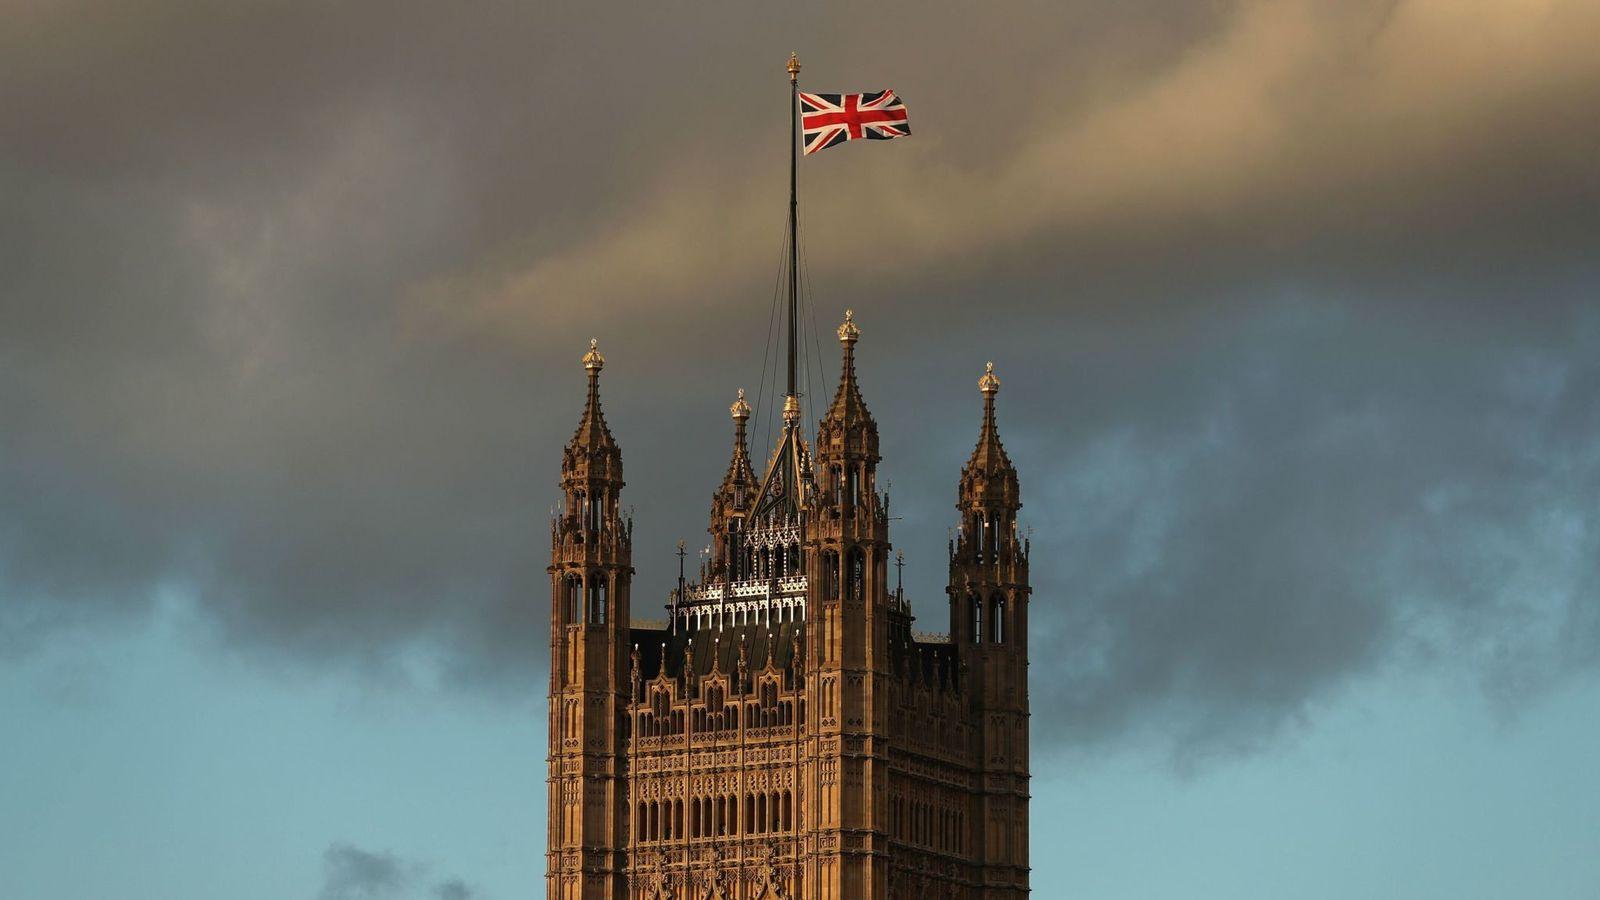 وزیر دفاع انگلیس با تایید بدهی ۴۰۰ میلیون دلاری لندن به تهران، تاکید کرد که انگلیس موظف به پرداخت دیون خود به ایران است.